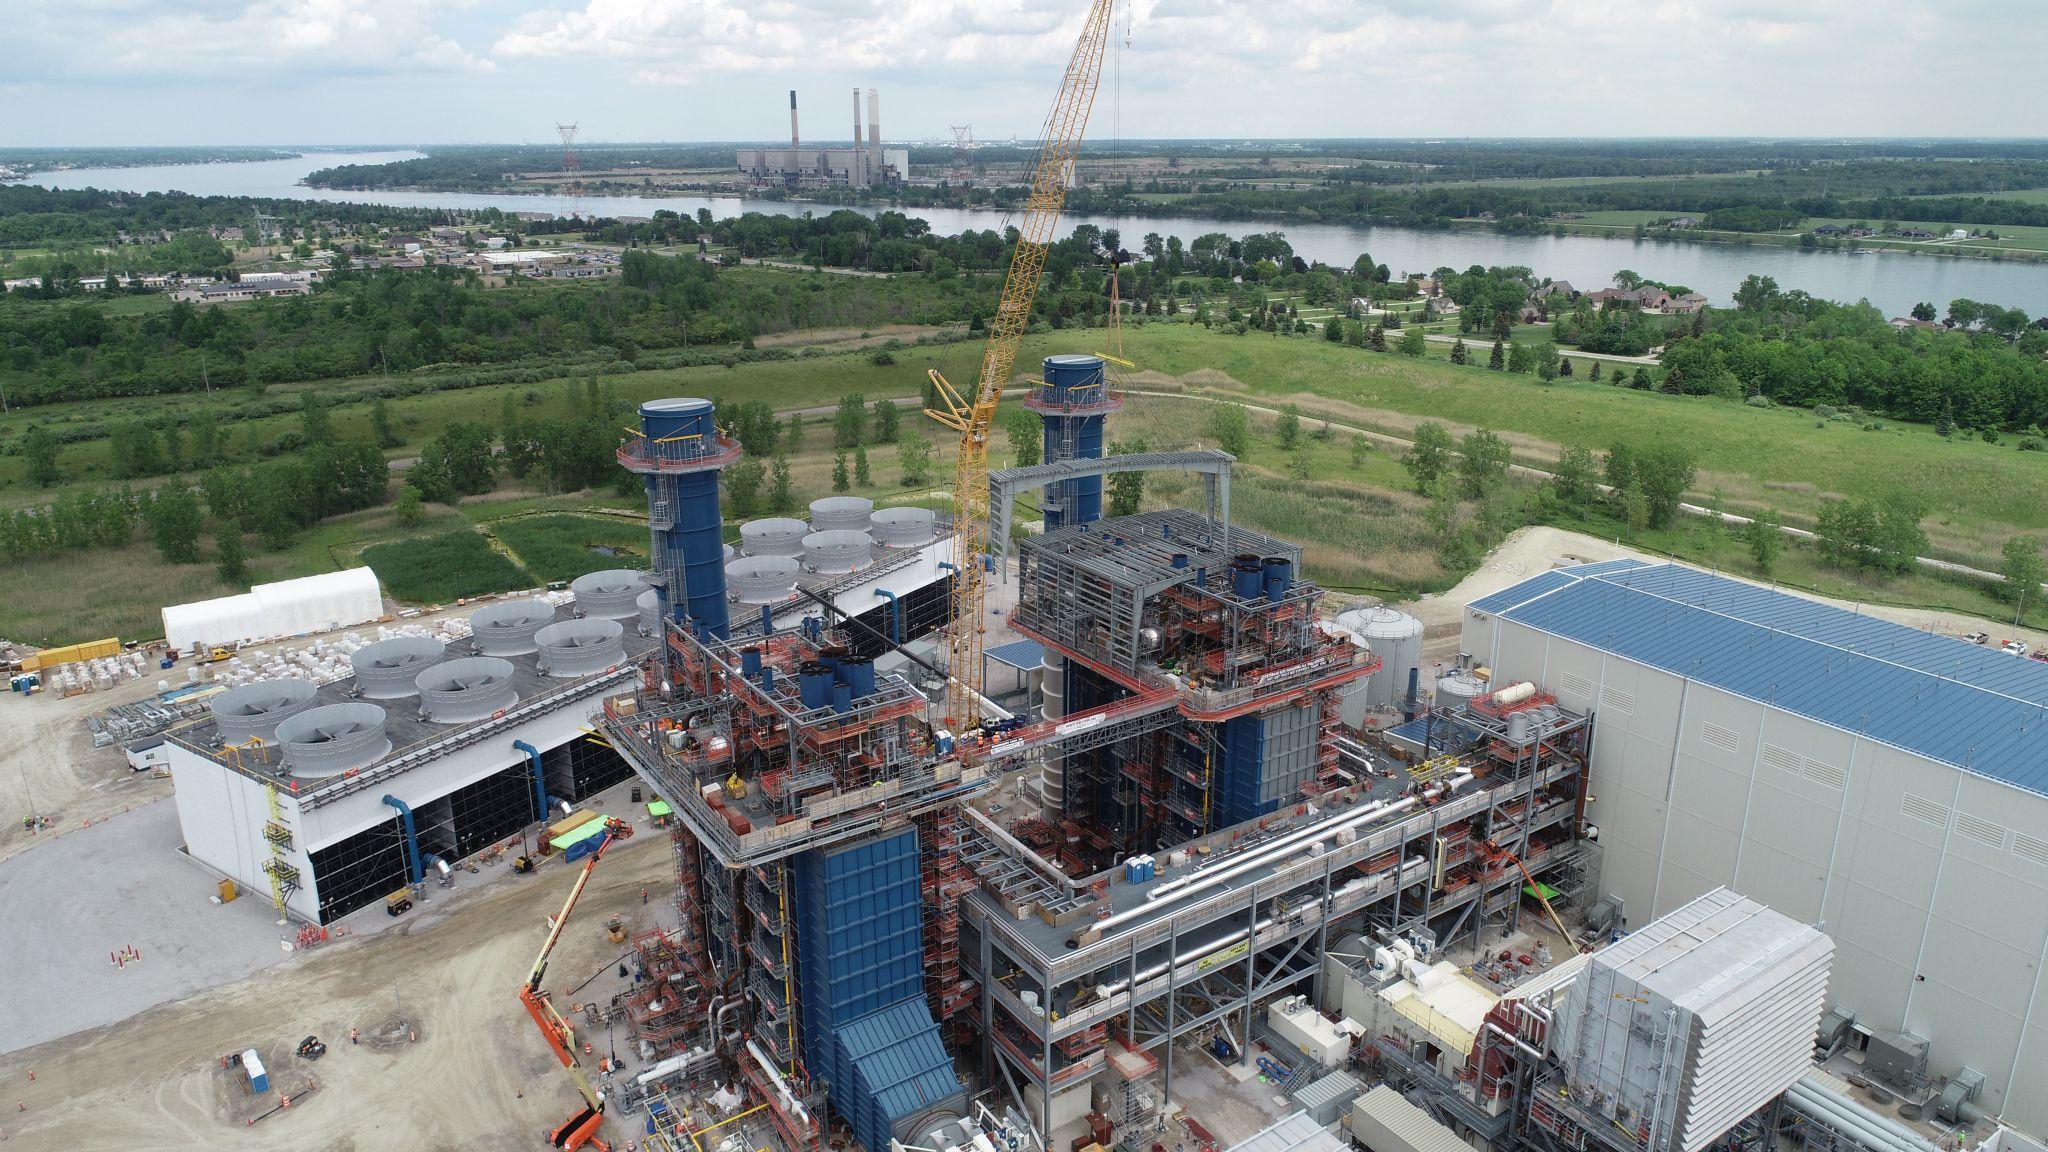 11Kiewit Power construction site building aerial view